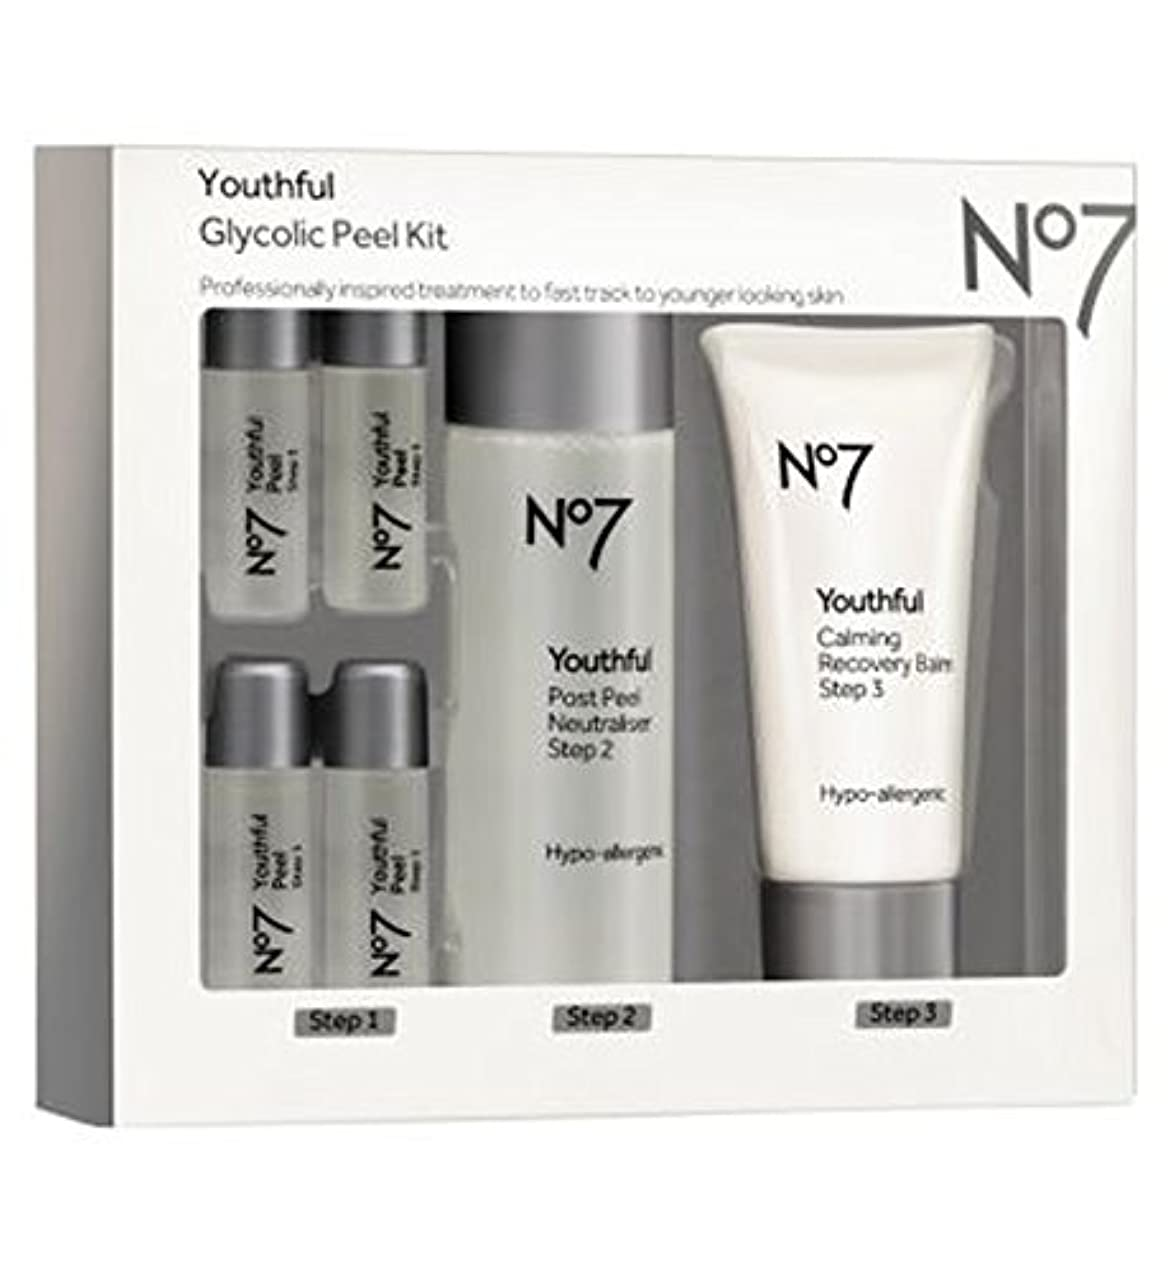 繊維ユーモラススペシャリストNo7 Youthful Glycolic Peel Kit - No7若々しいグリコールピールキット (No7) [並行輸入品]